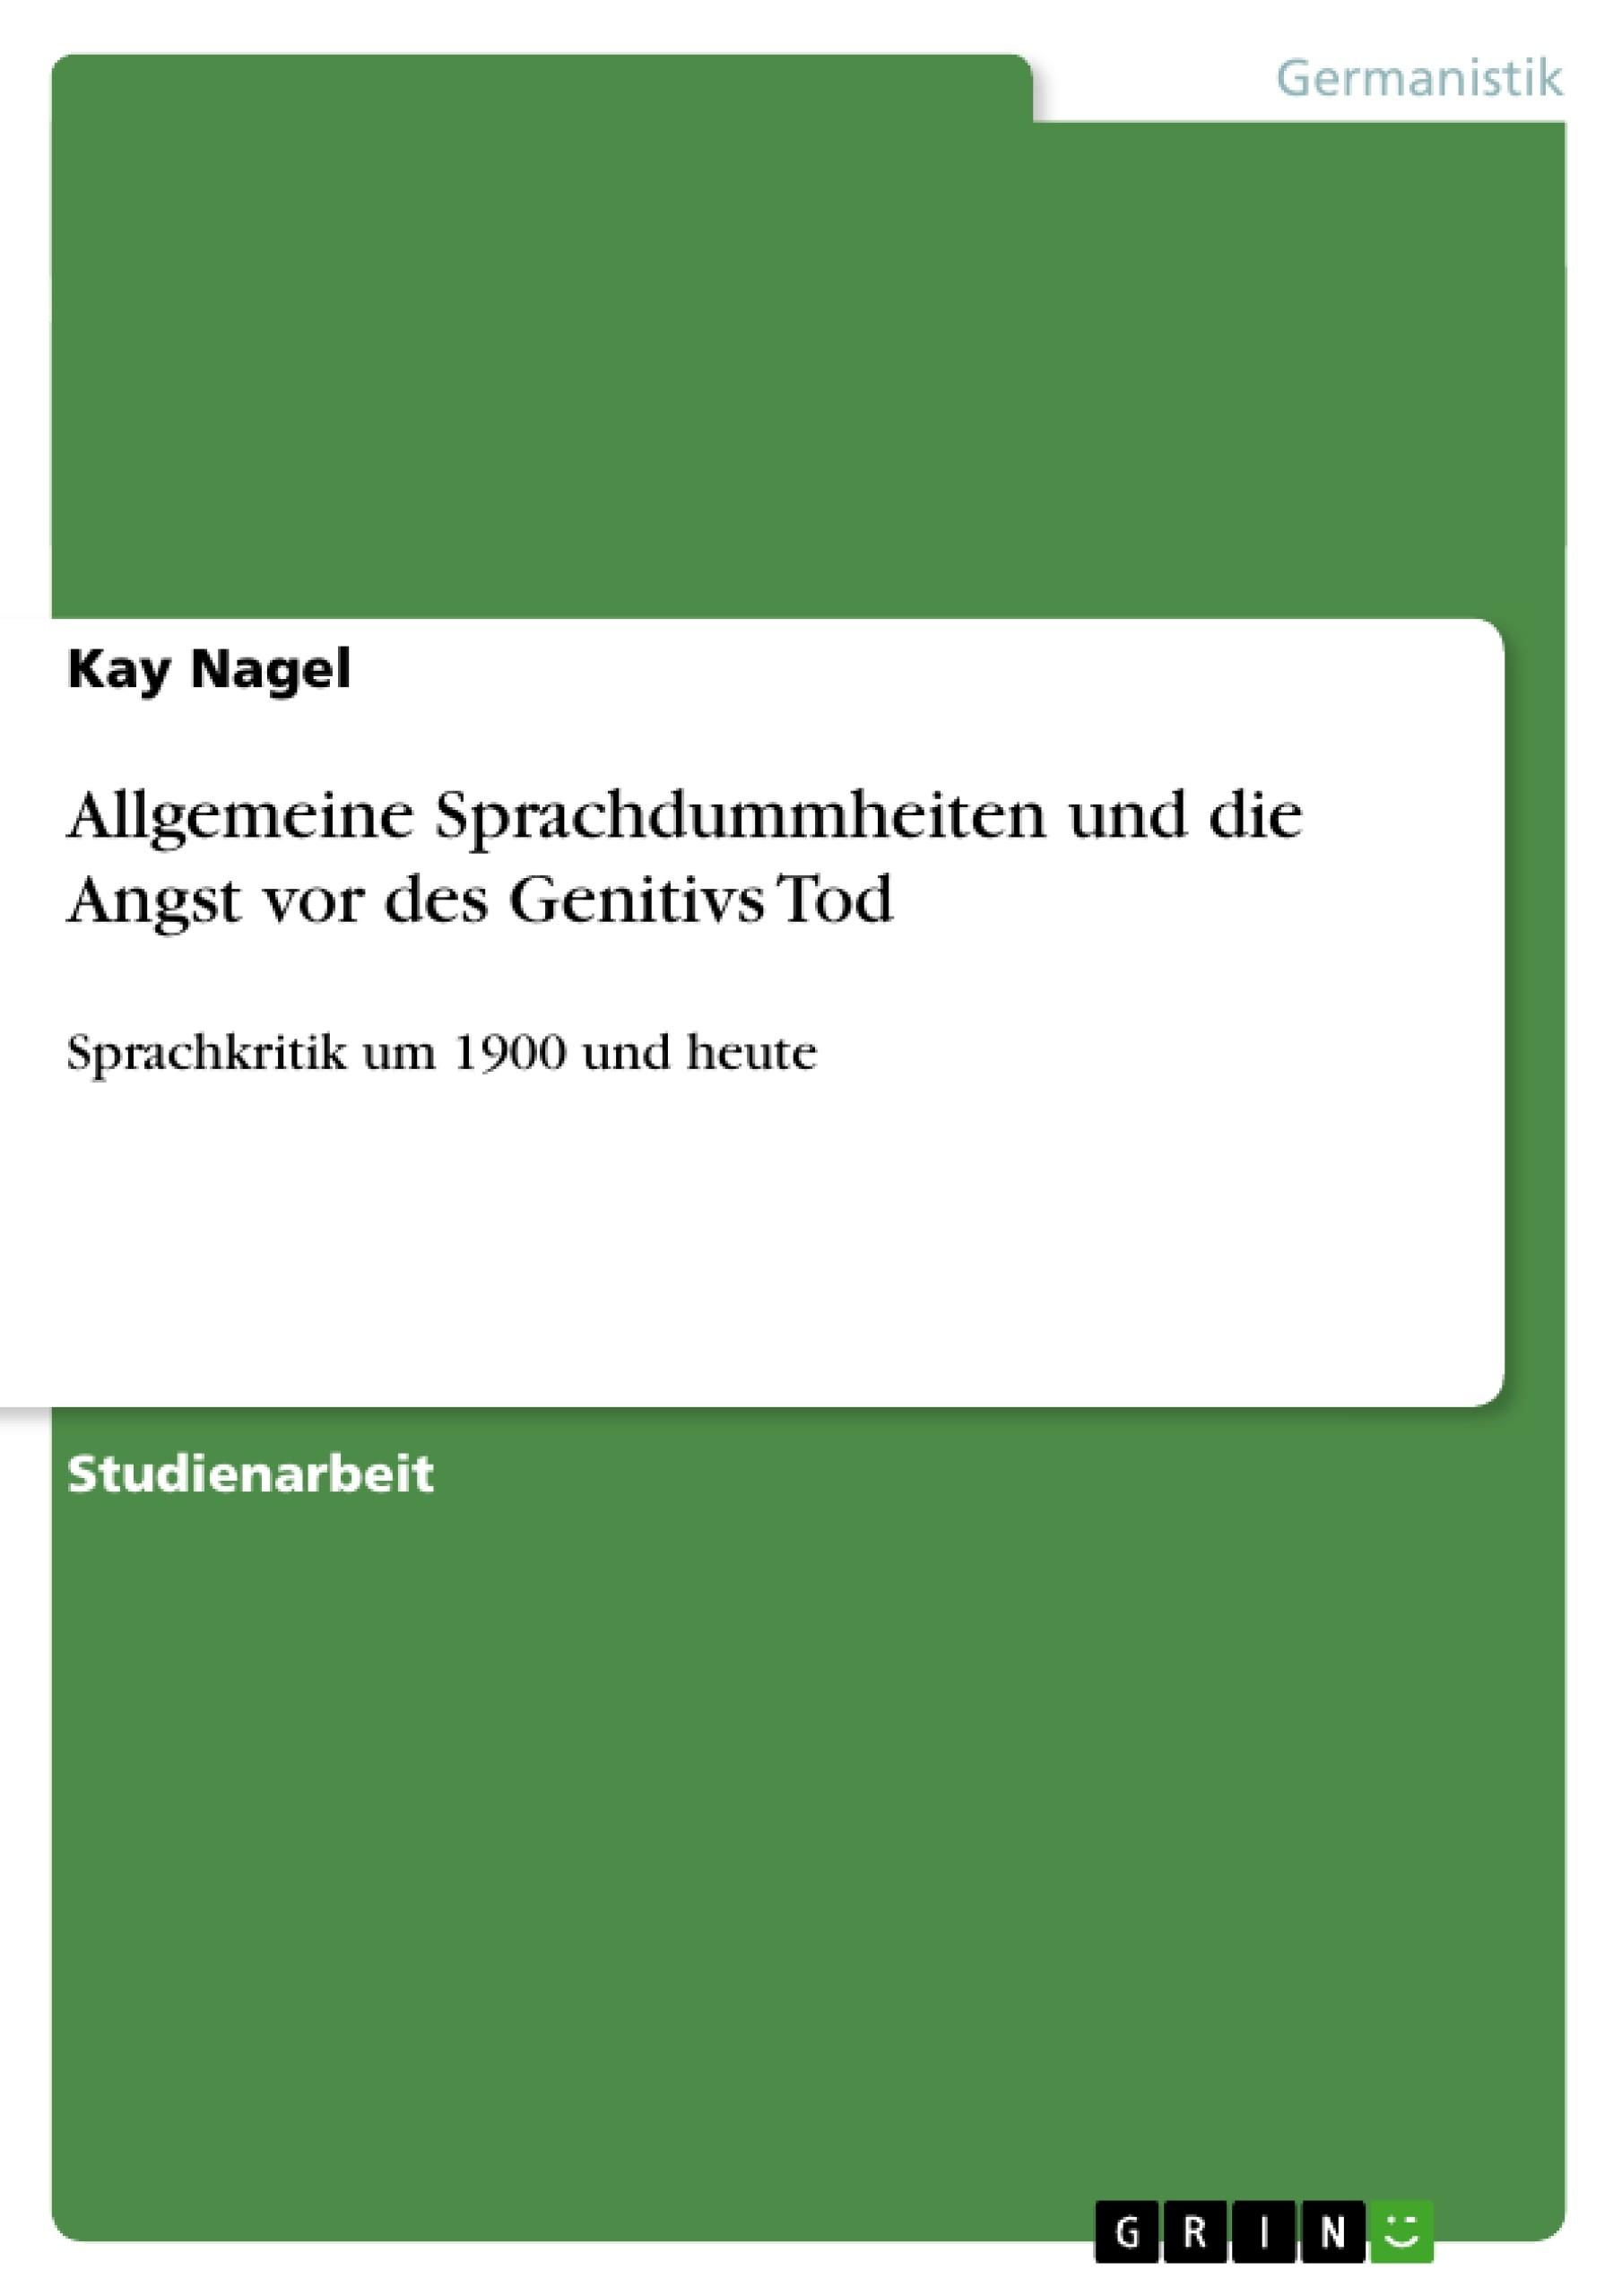 Titel: Allgemeine Sprachdummheiten und die Angst vor des Genitivs Tod